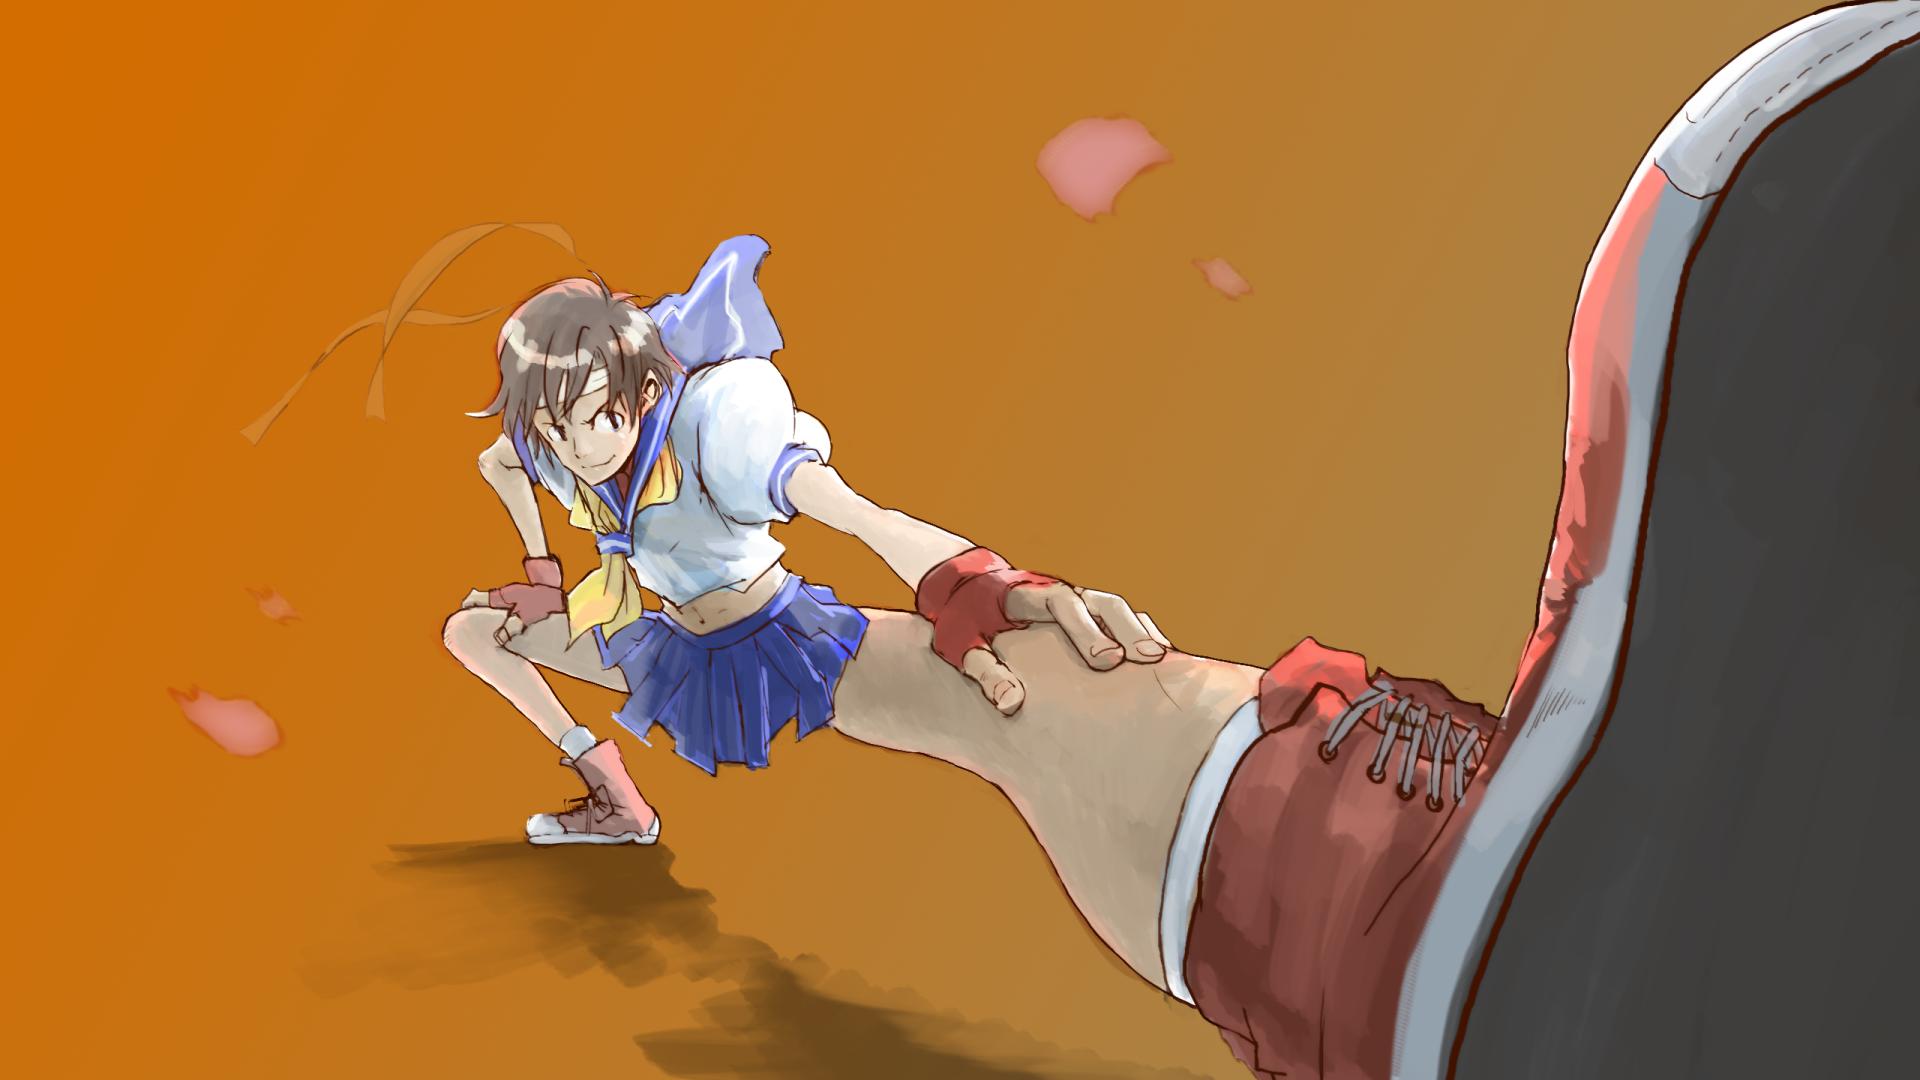 Wallpaper Capcom Street Fighter Fighting Games Kasugano Sakura